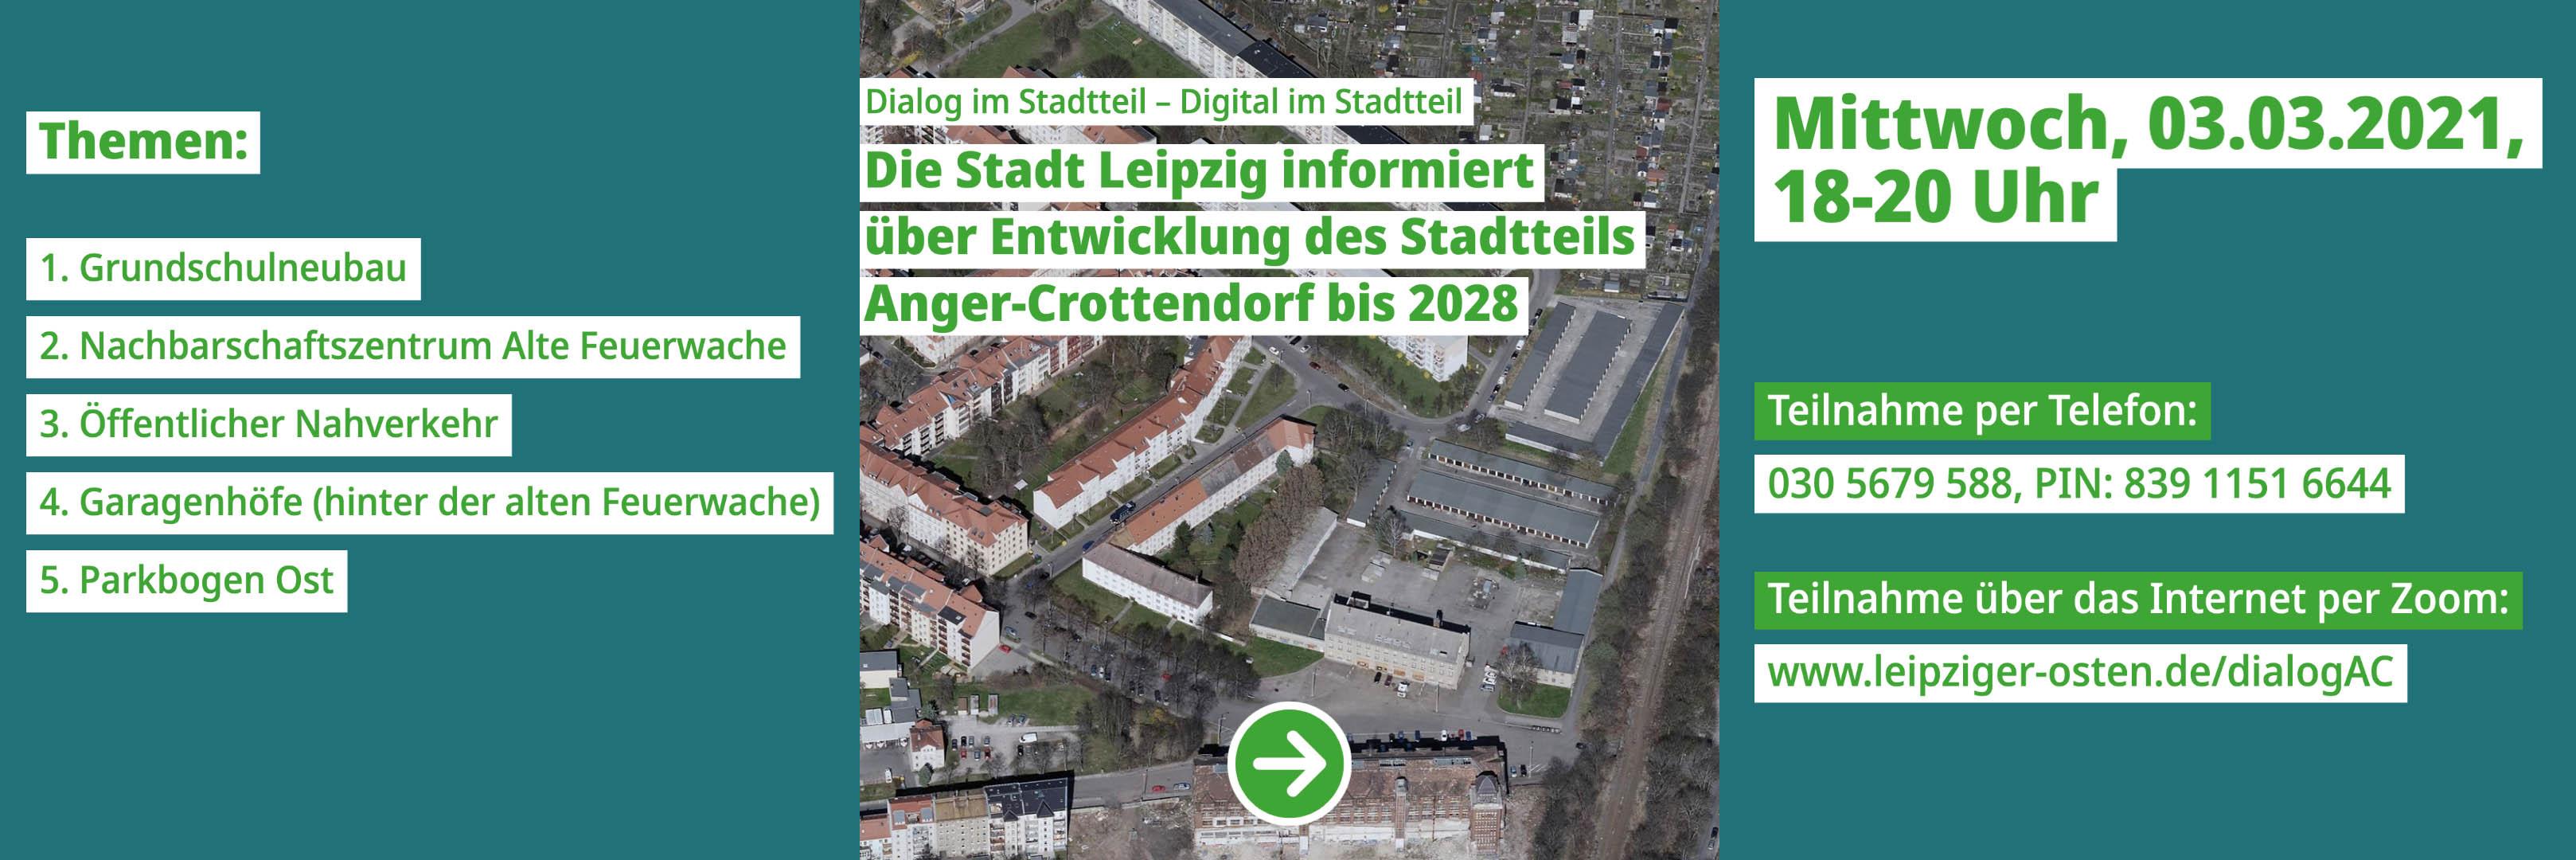 Die Stadt Leipzig informiert über Entwicklung des Stadtteils Anger-Crottendorf bis 2028